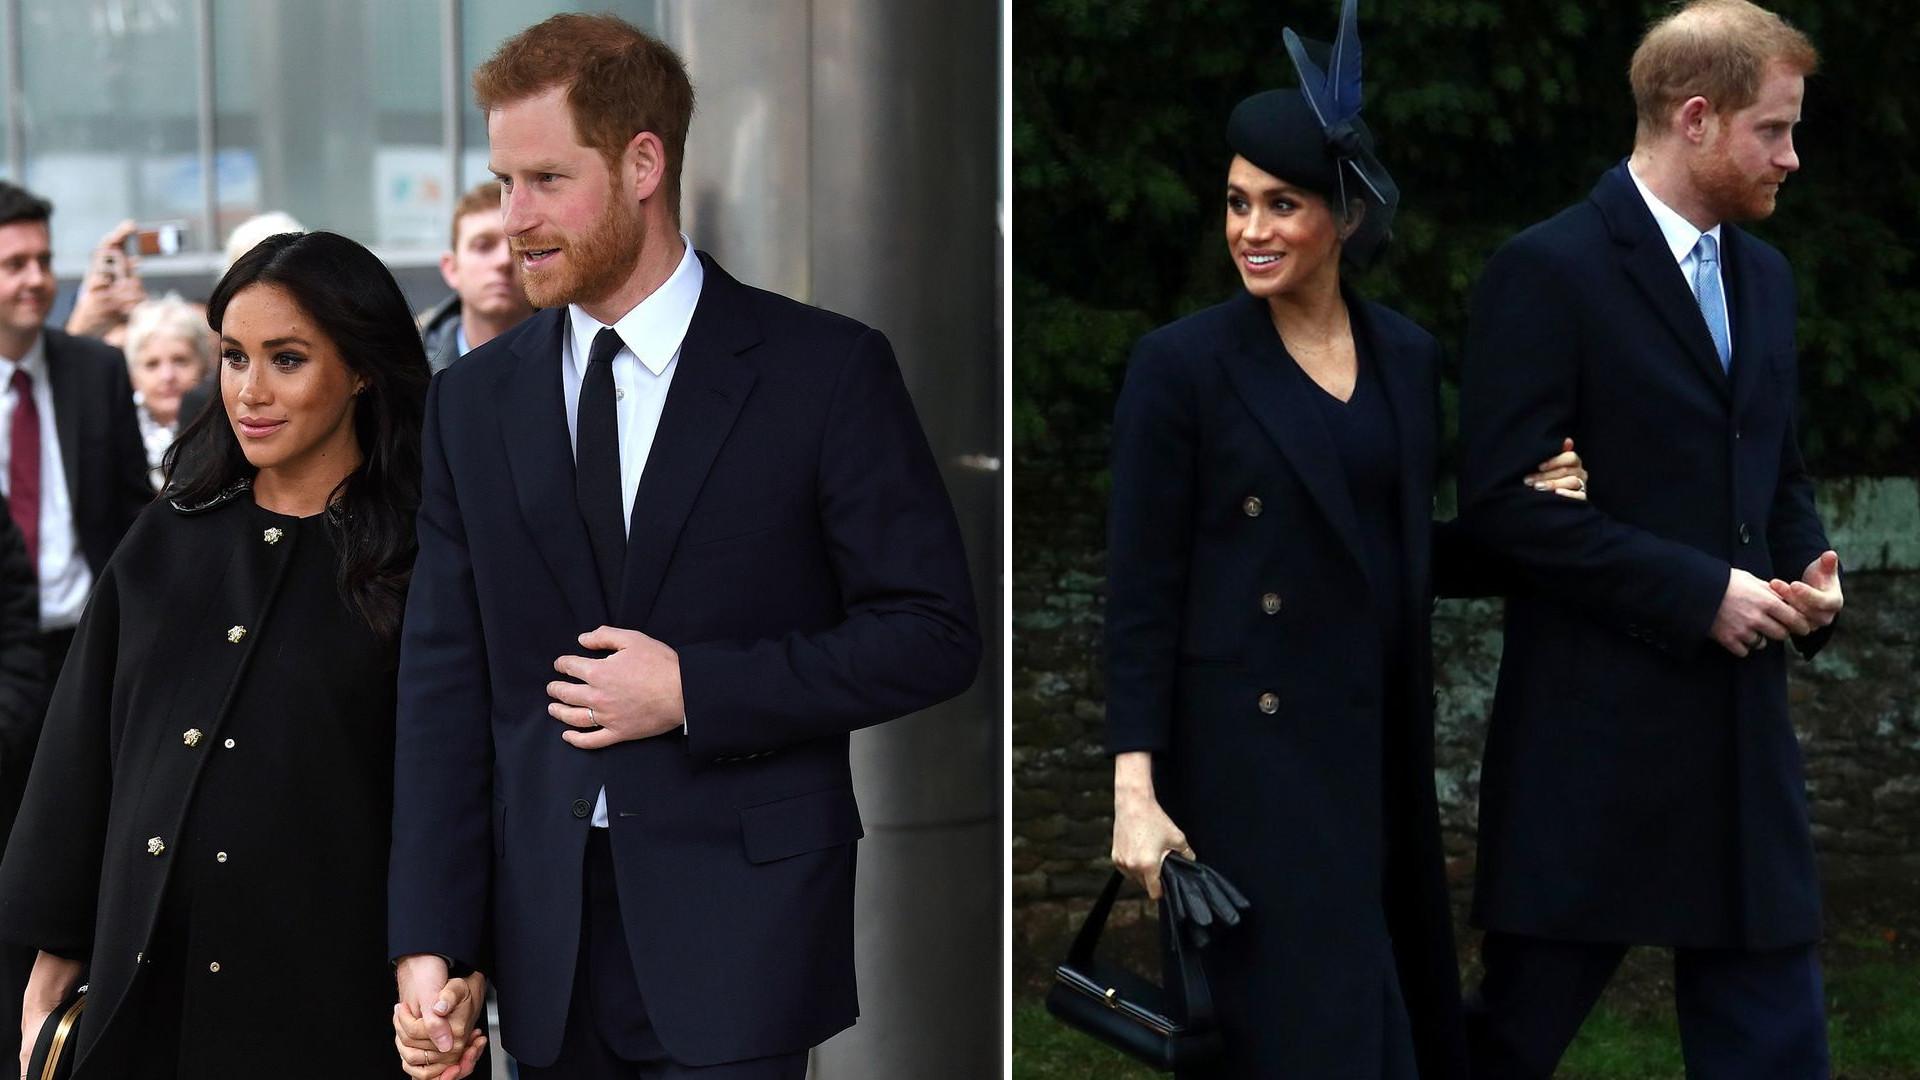 Oto, co wydarzy się po narodzinach dziecka księżnej Meghan i księcia Harry'ego